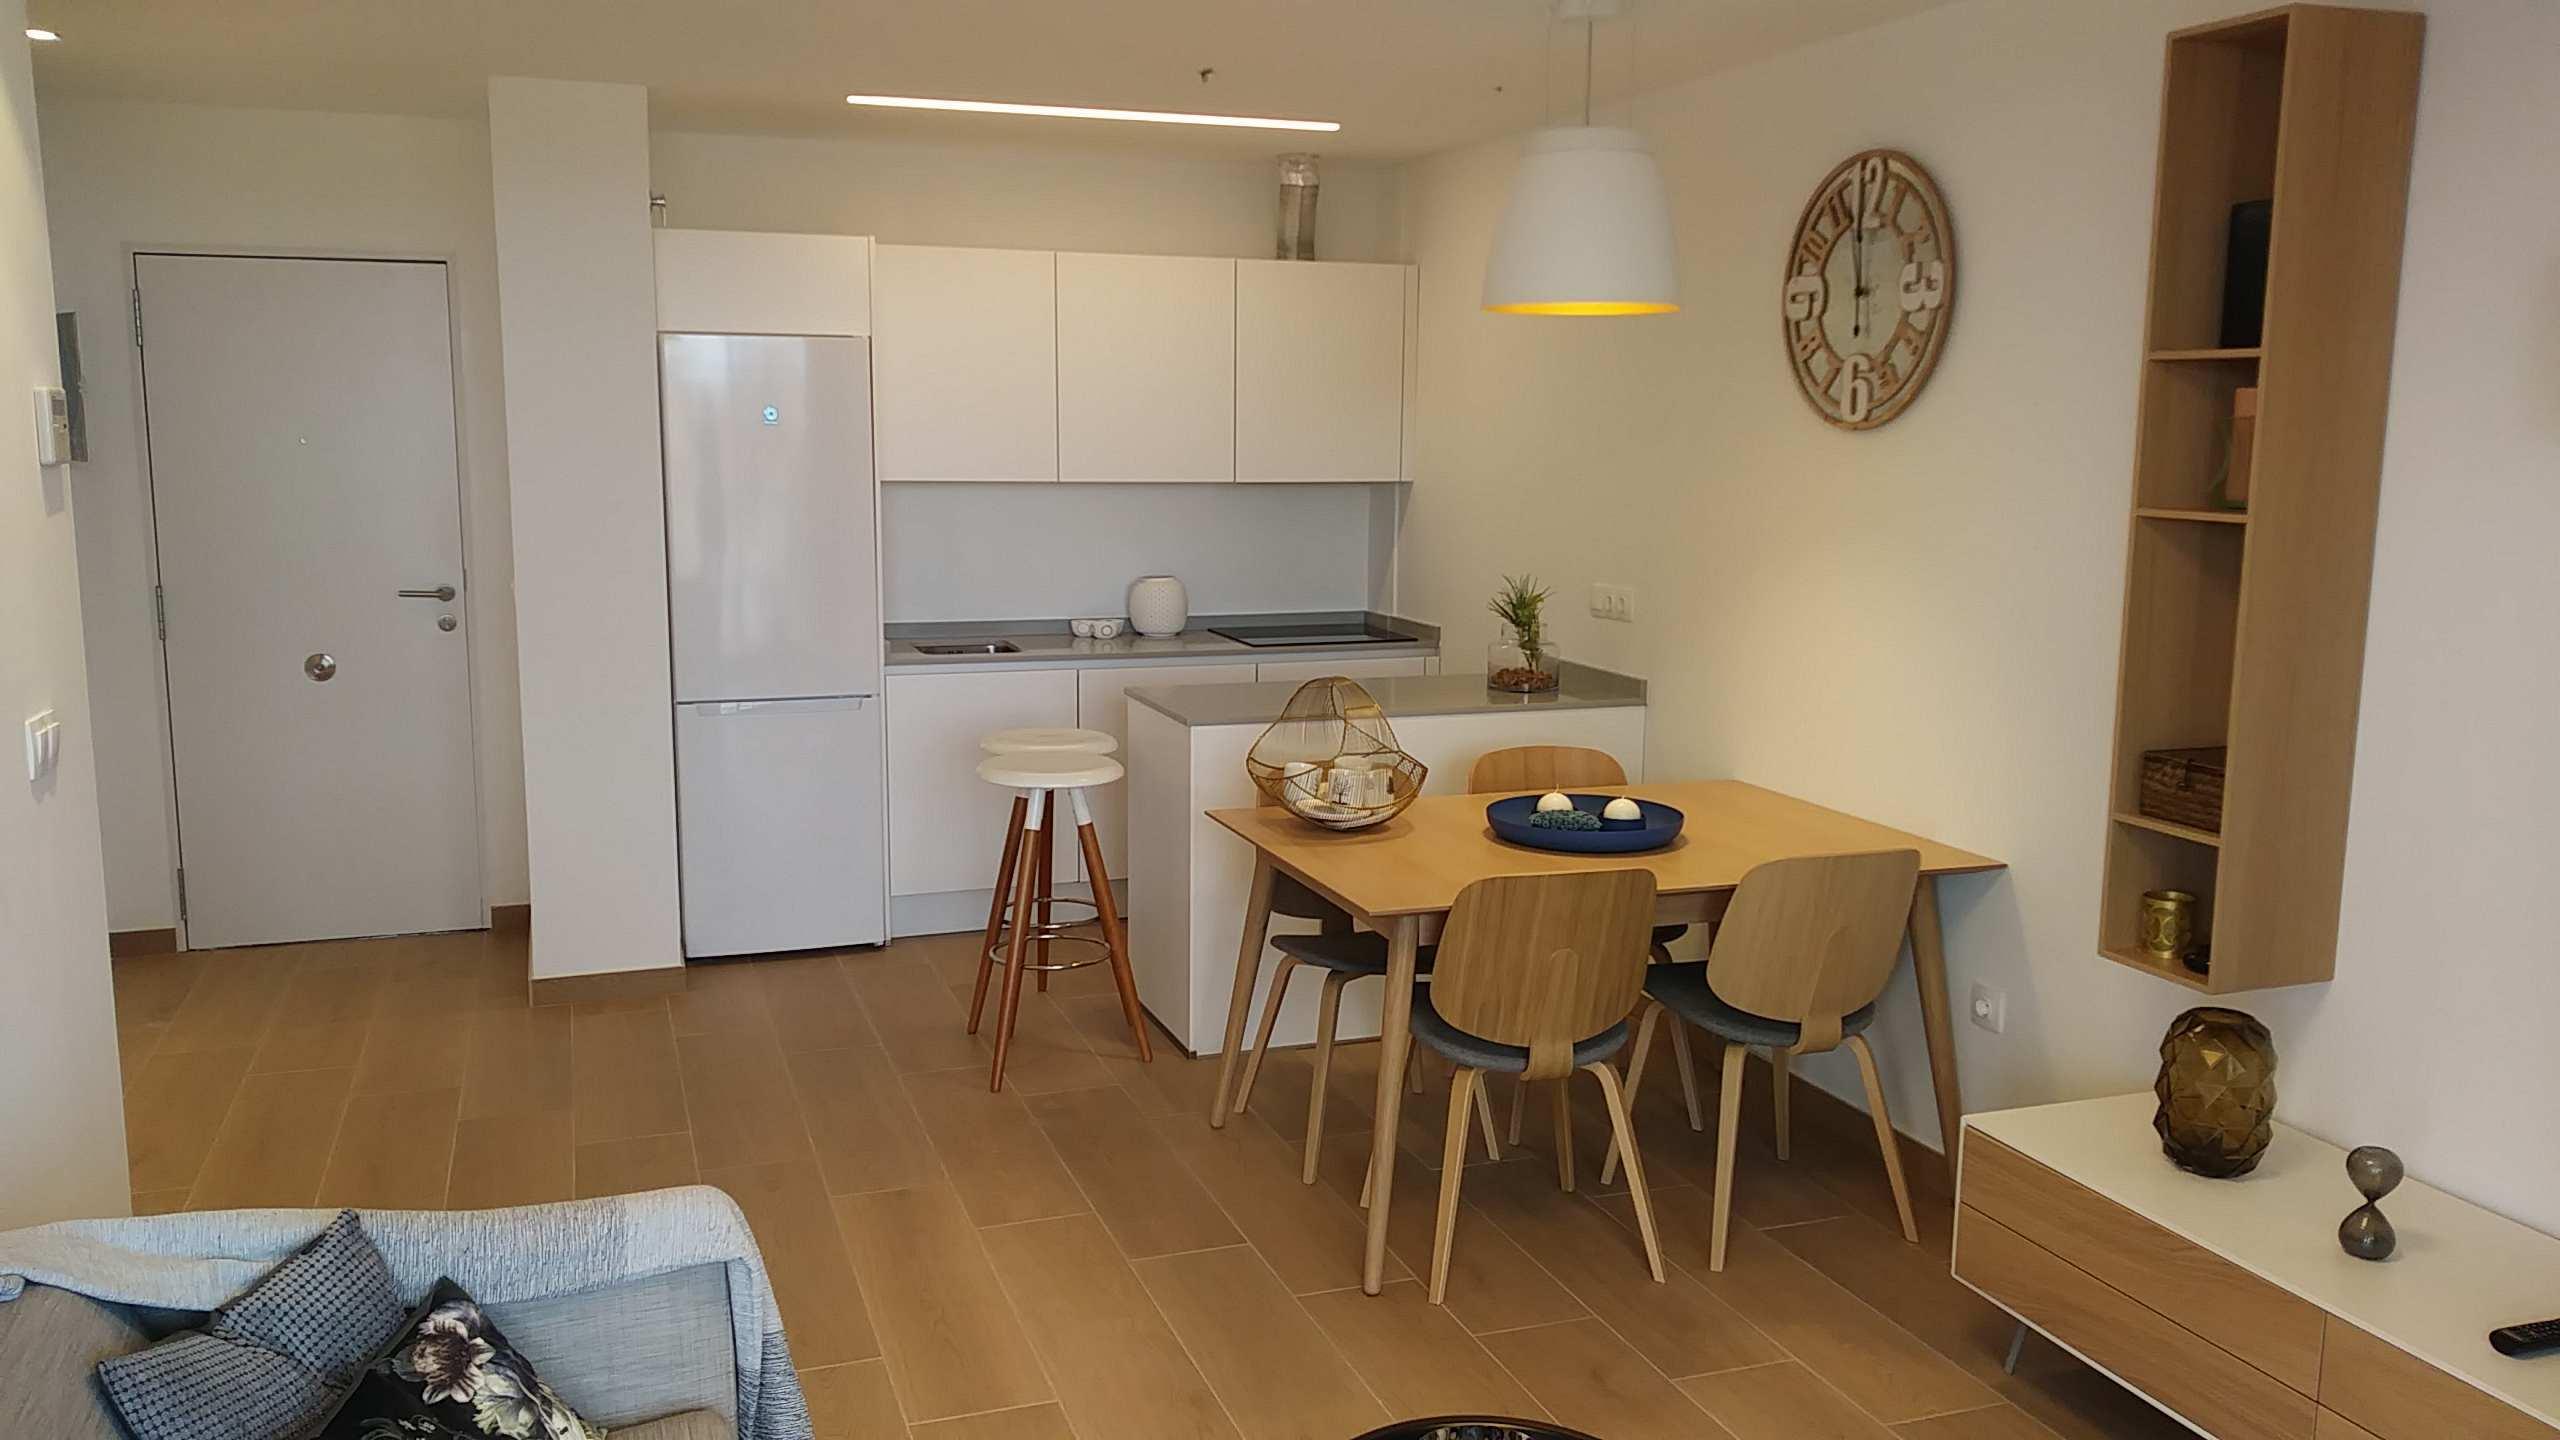 Fotogalería - 6 - Olea-Home | Real Estate en Orba y Teulada-Moraira |